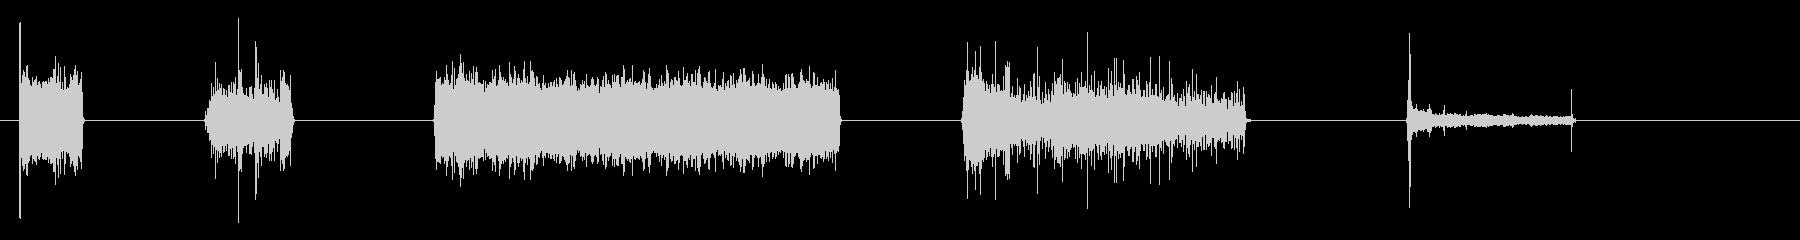 スプレースプレースプレー5バージョンの未再生の波形